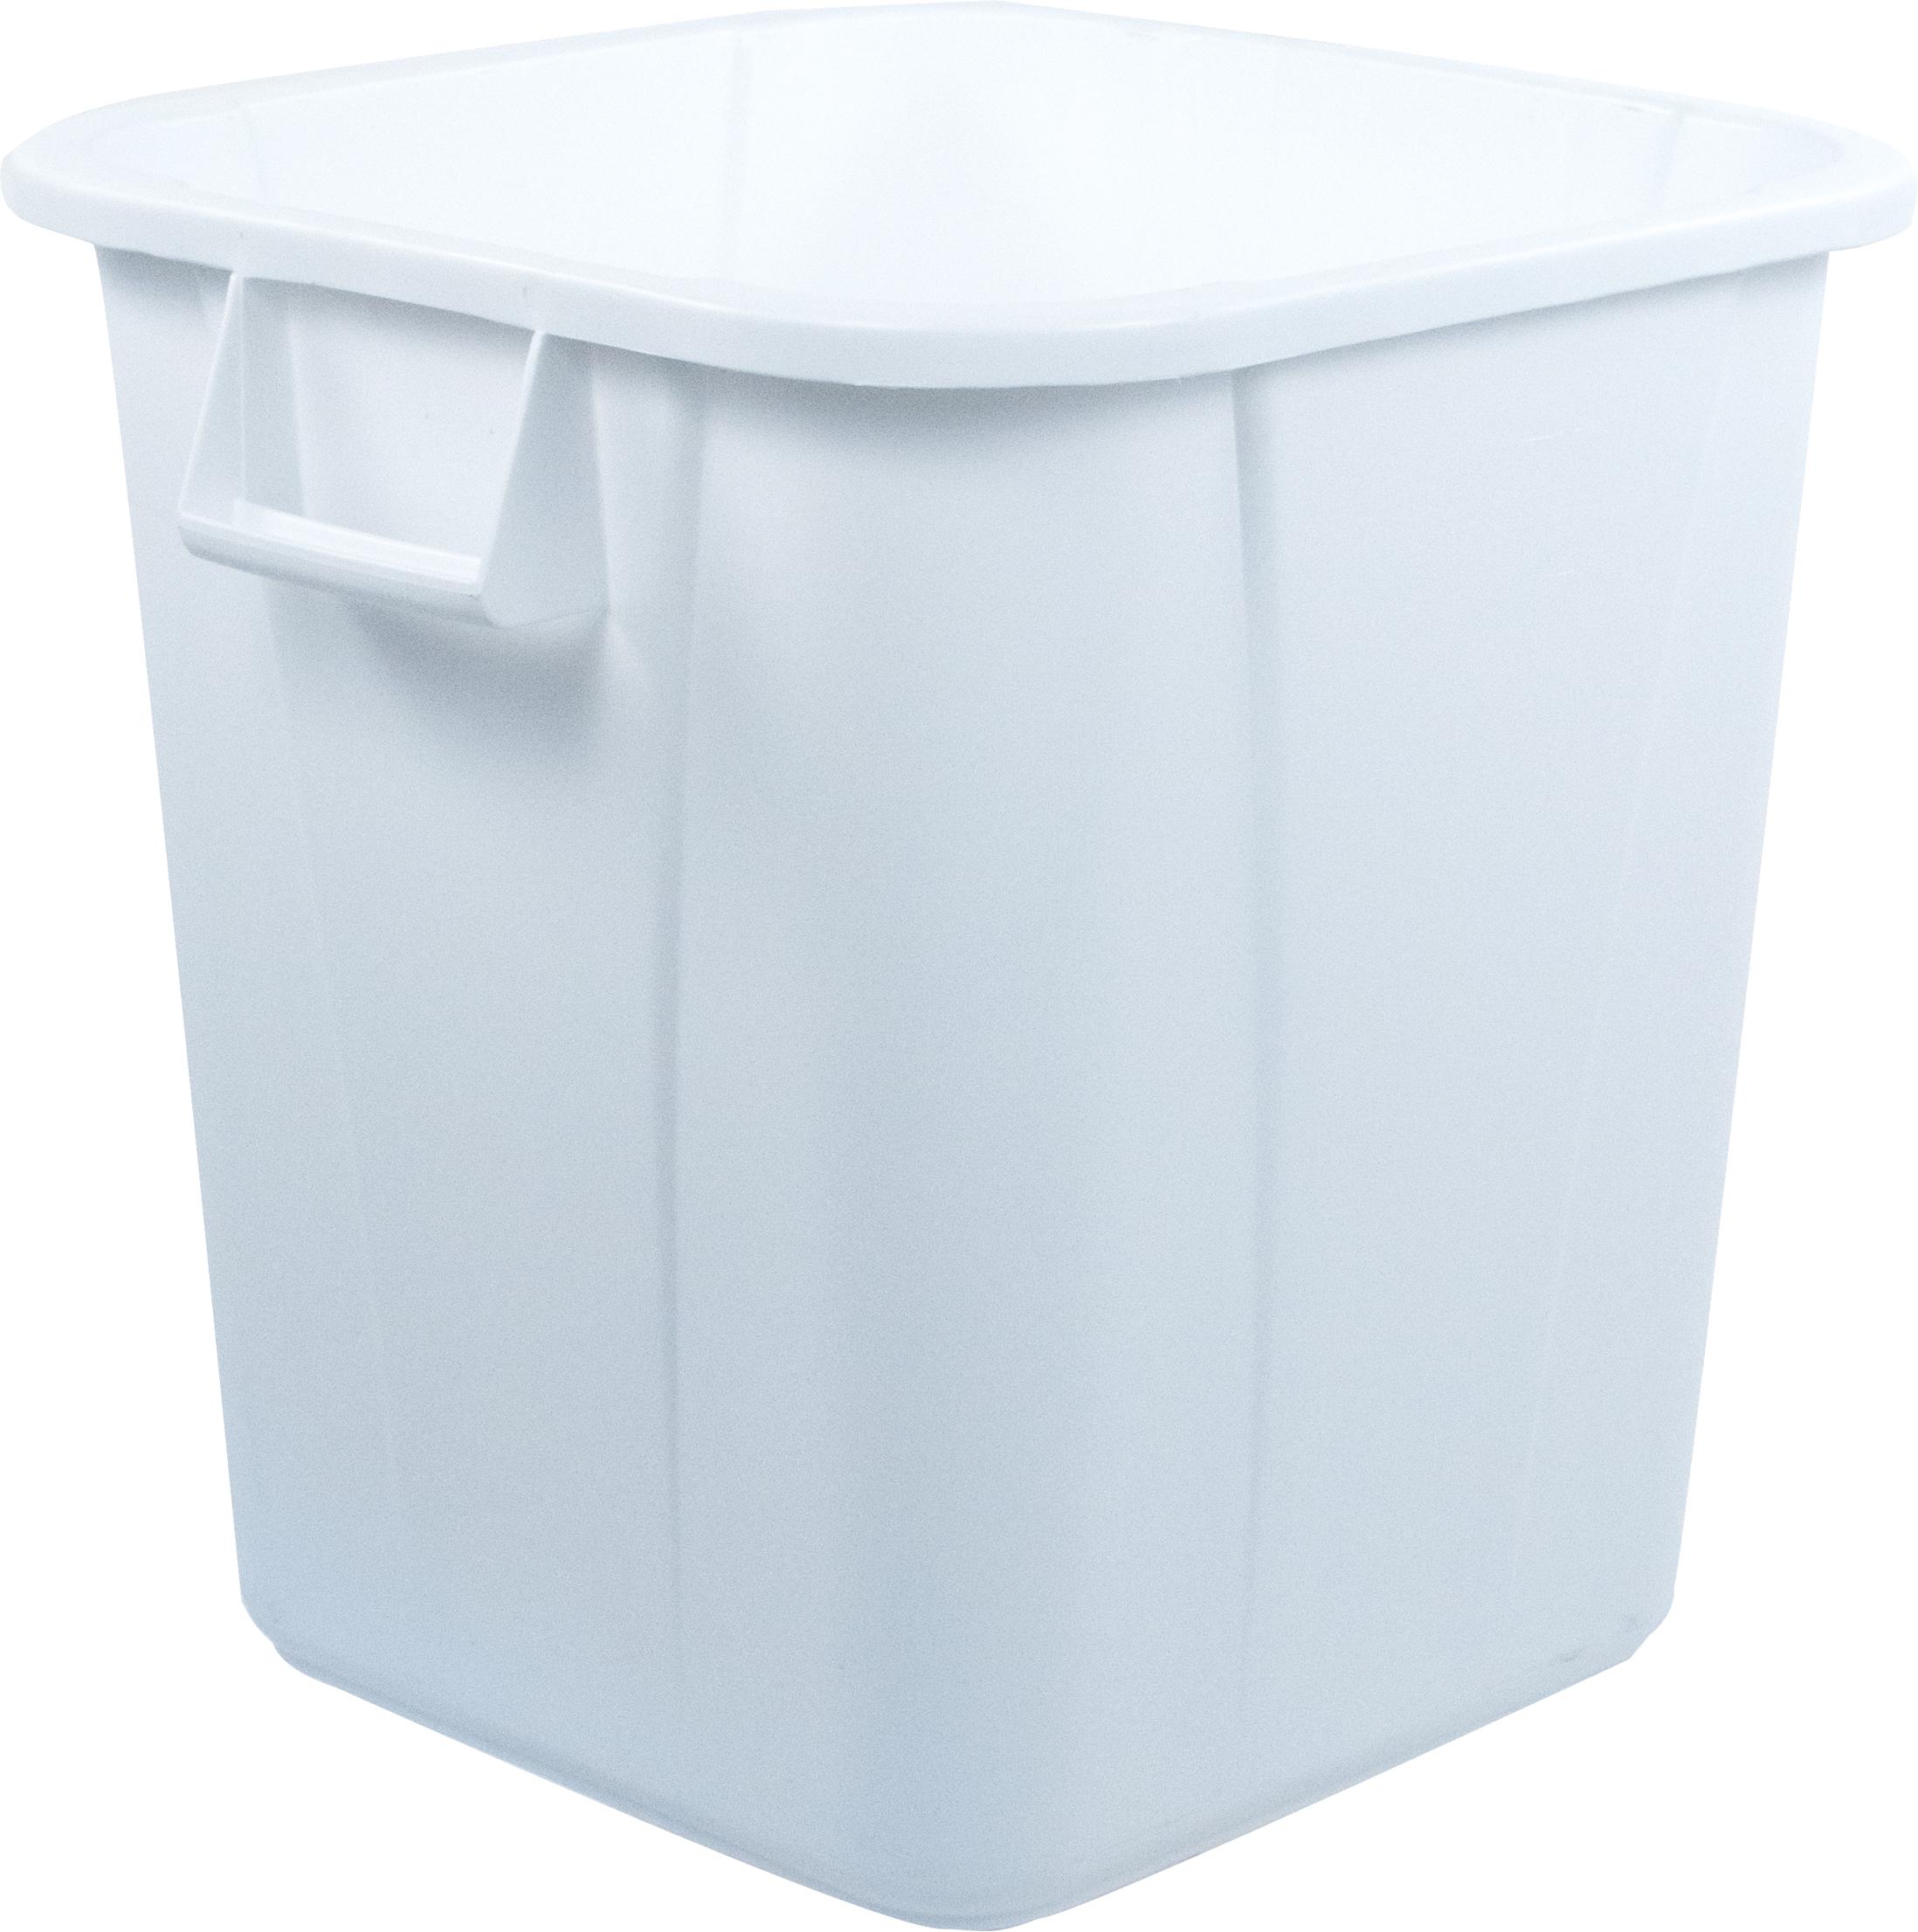 Bronco Square Waste Bin Trash Container 28 Gallon - White